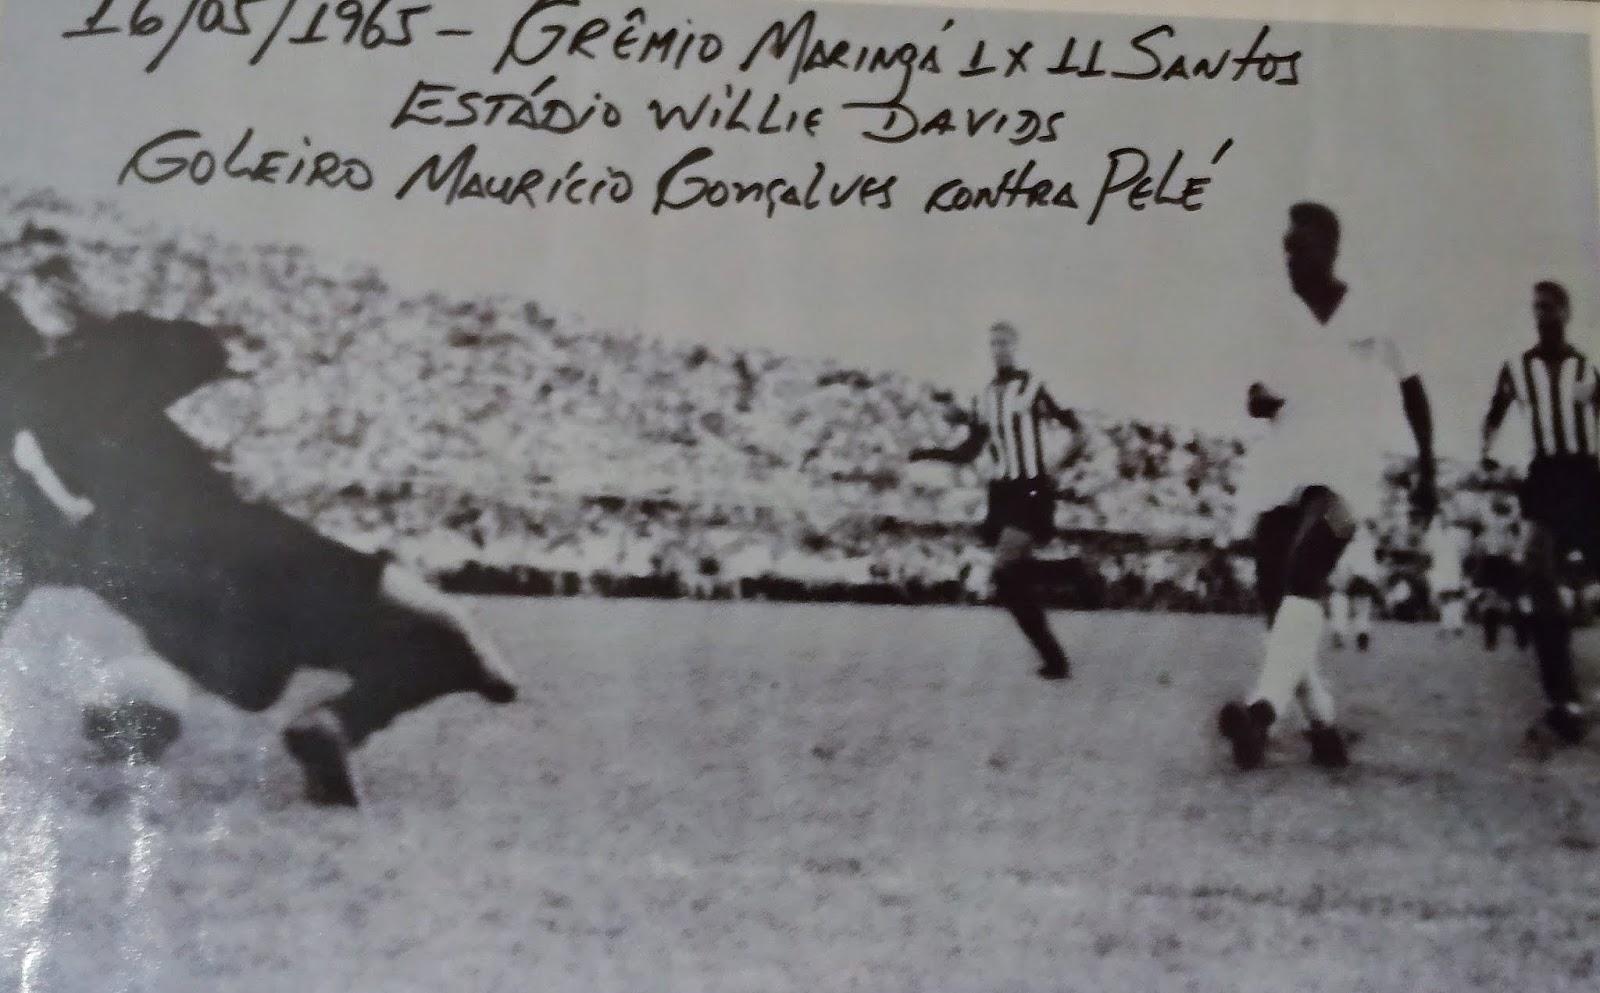 Pelé contra Maurício Gonçalves - Maio de 1965